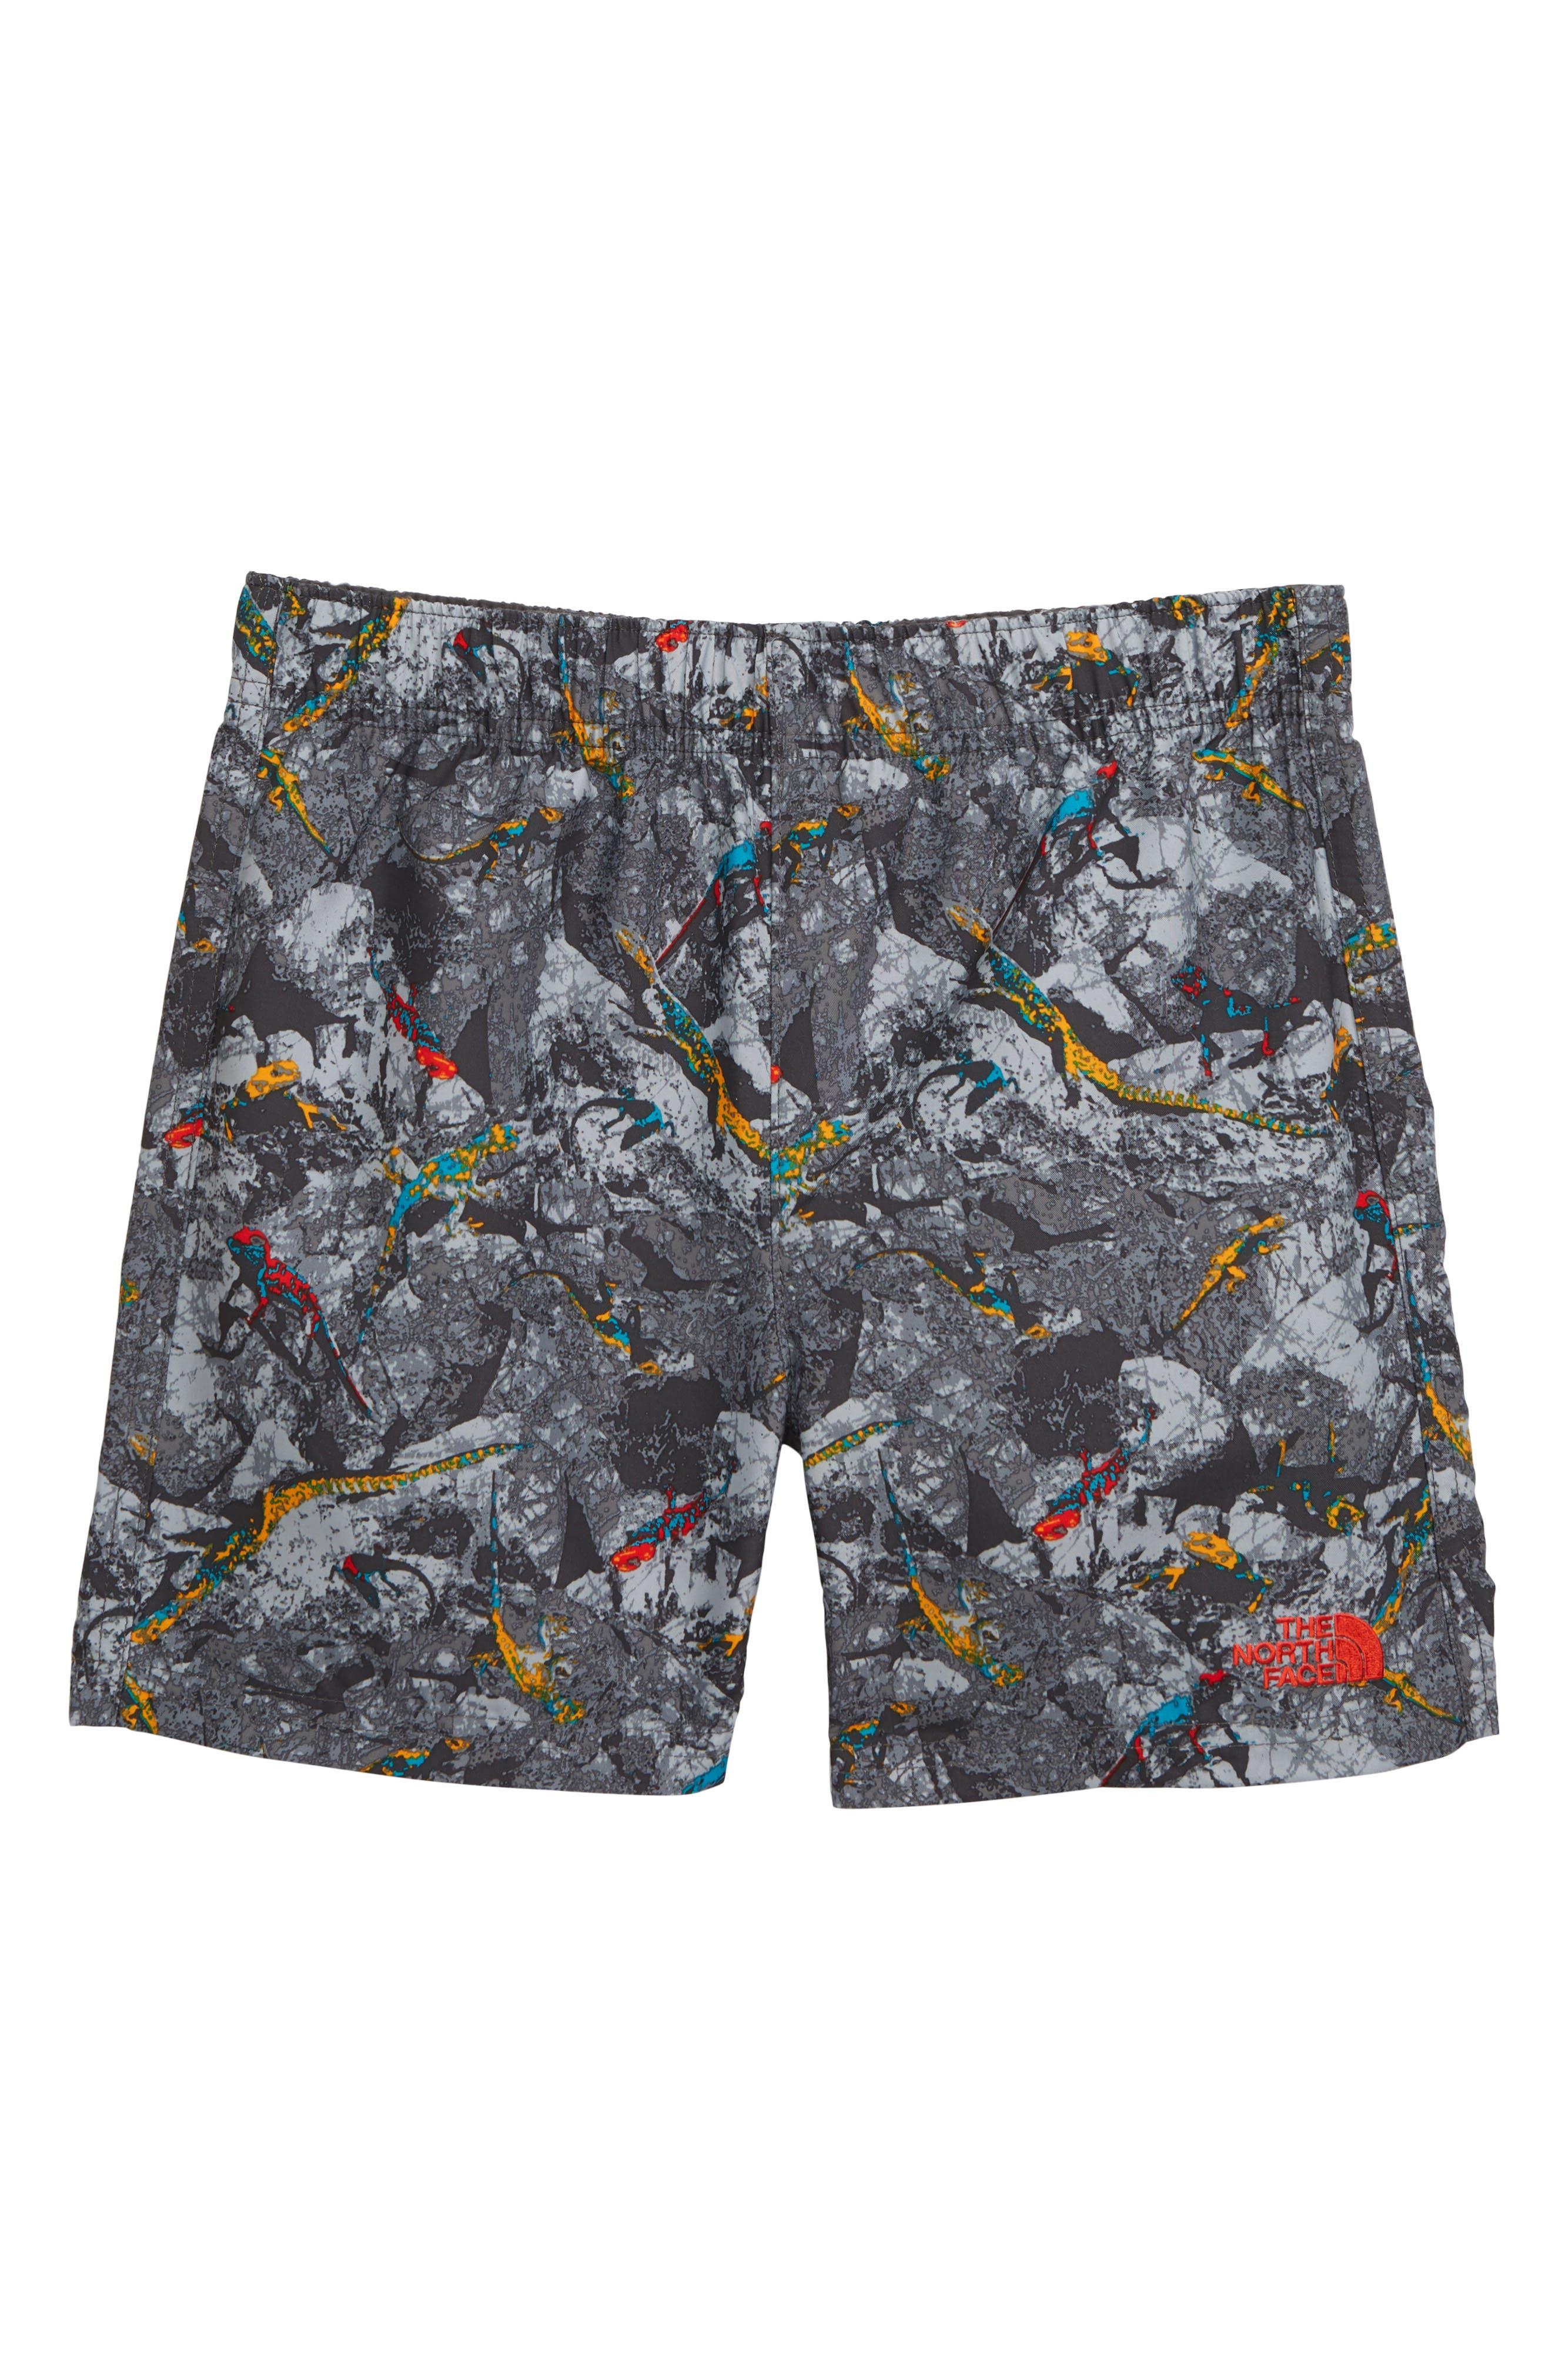 6040e228b6 Boys  Shorts  Cargo